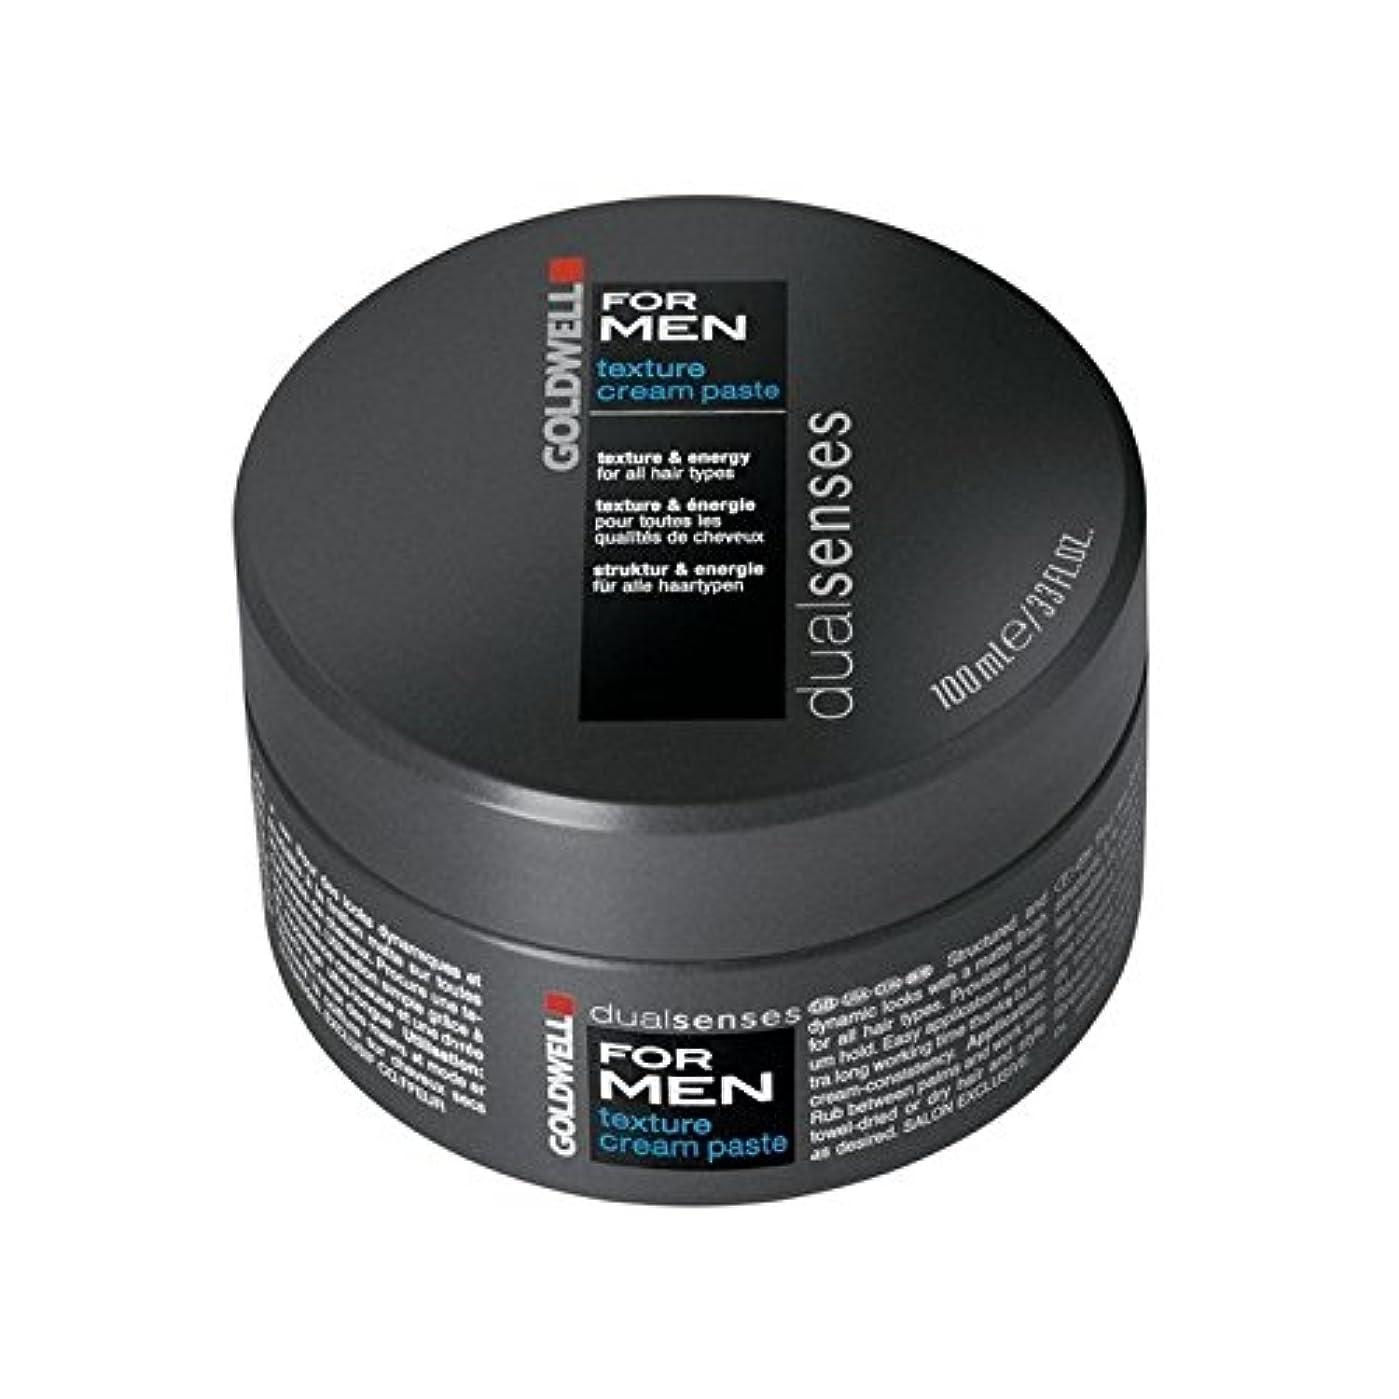 決定的コンパクト硬い男性のテクスチャーのクリームペースト(100ミリリットル)のためのの x2 - Goldwell Dualsenses For Men Texture Cream Paste (100ml) (Pack of 2) [並行輸入品]